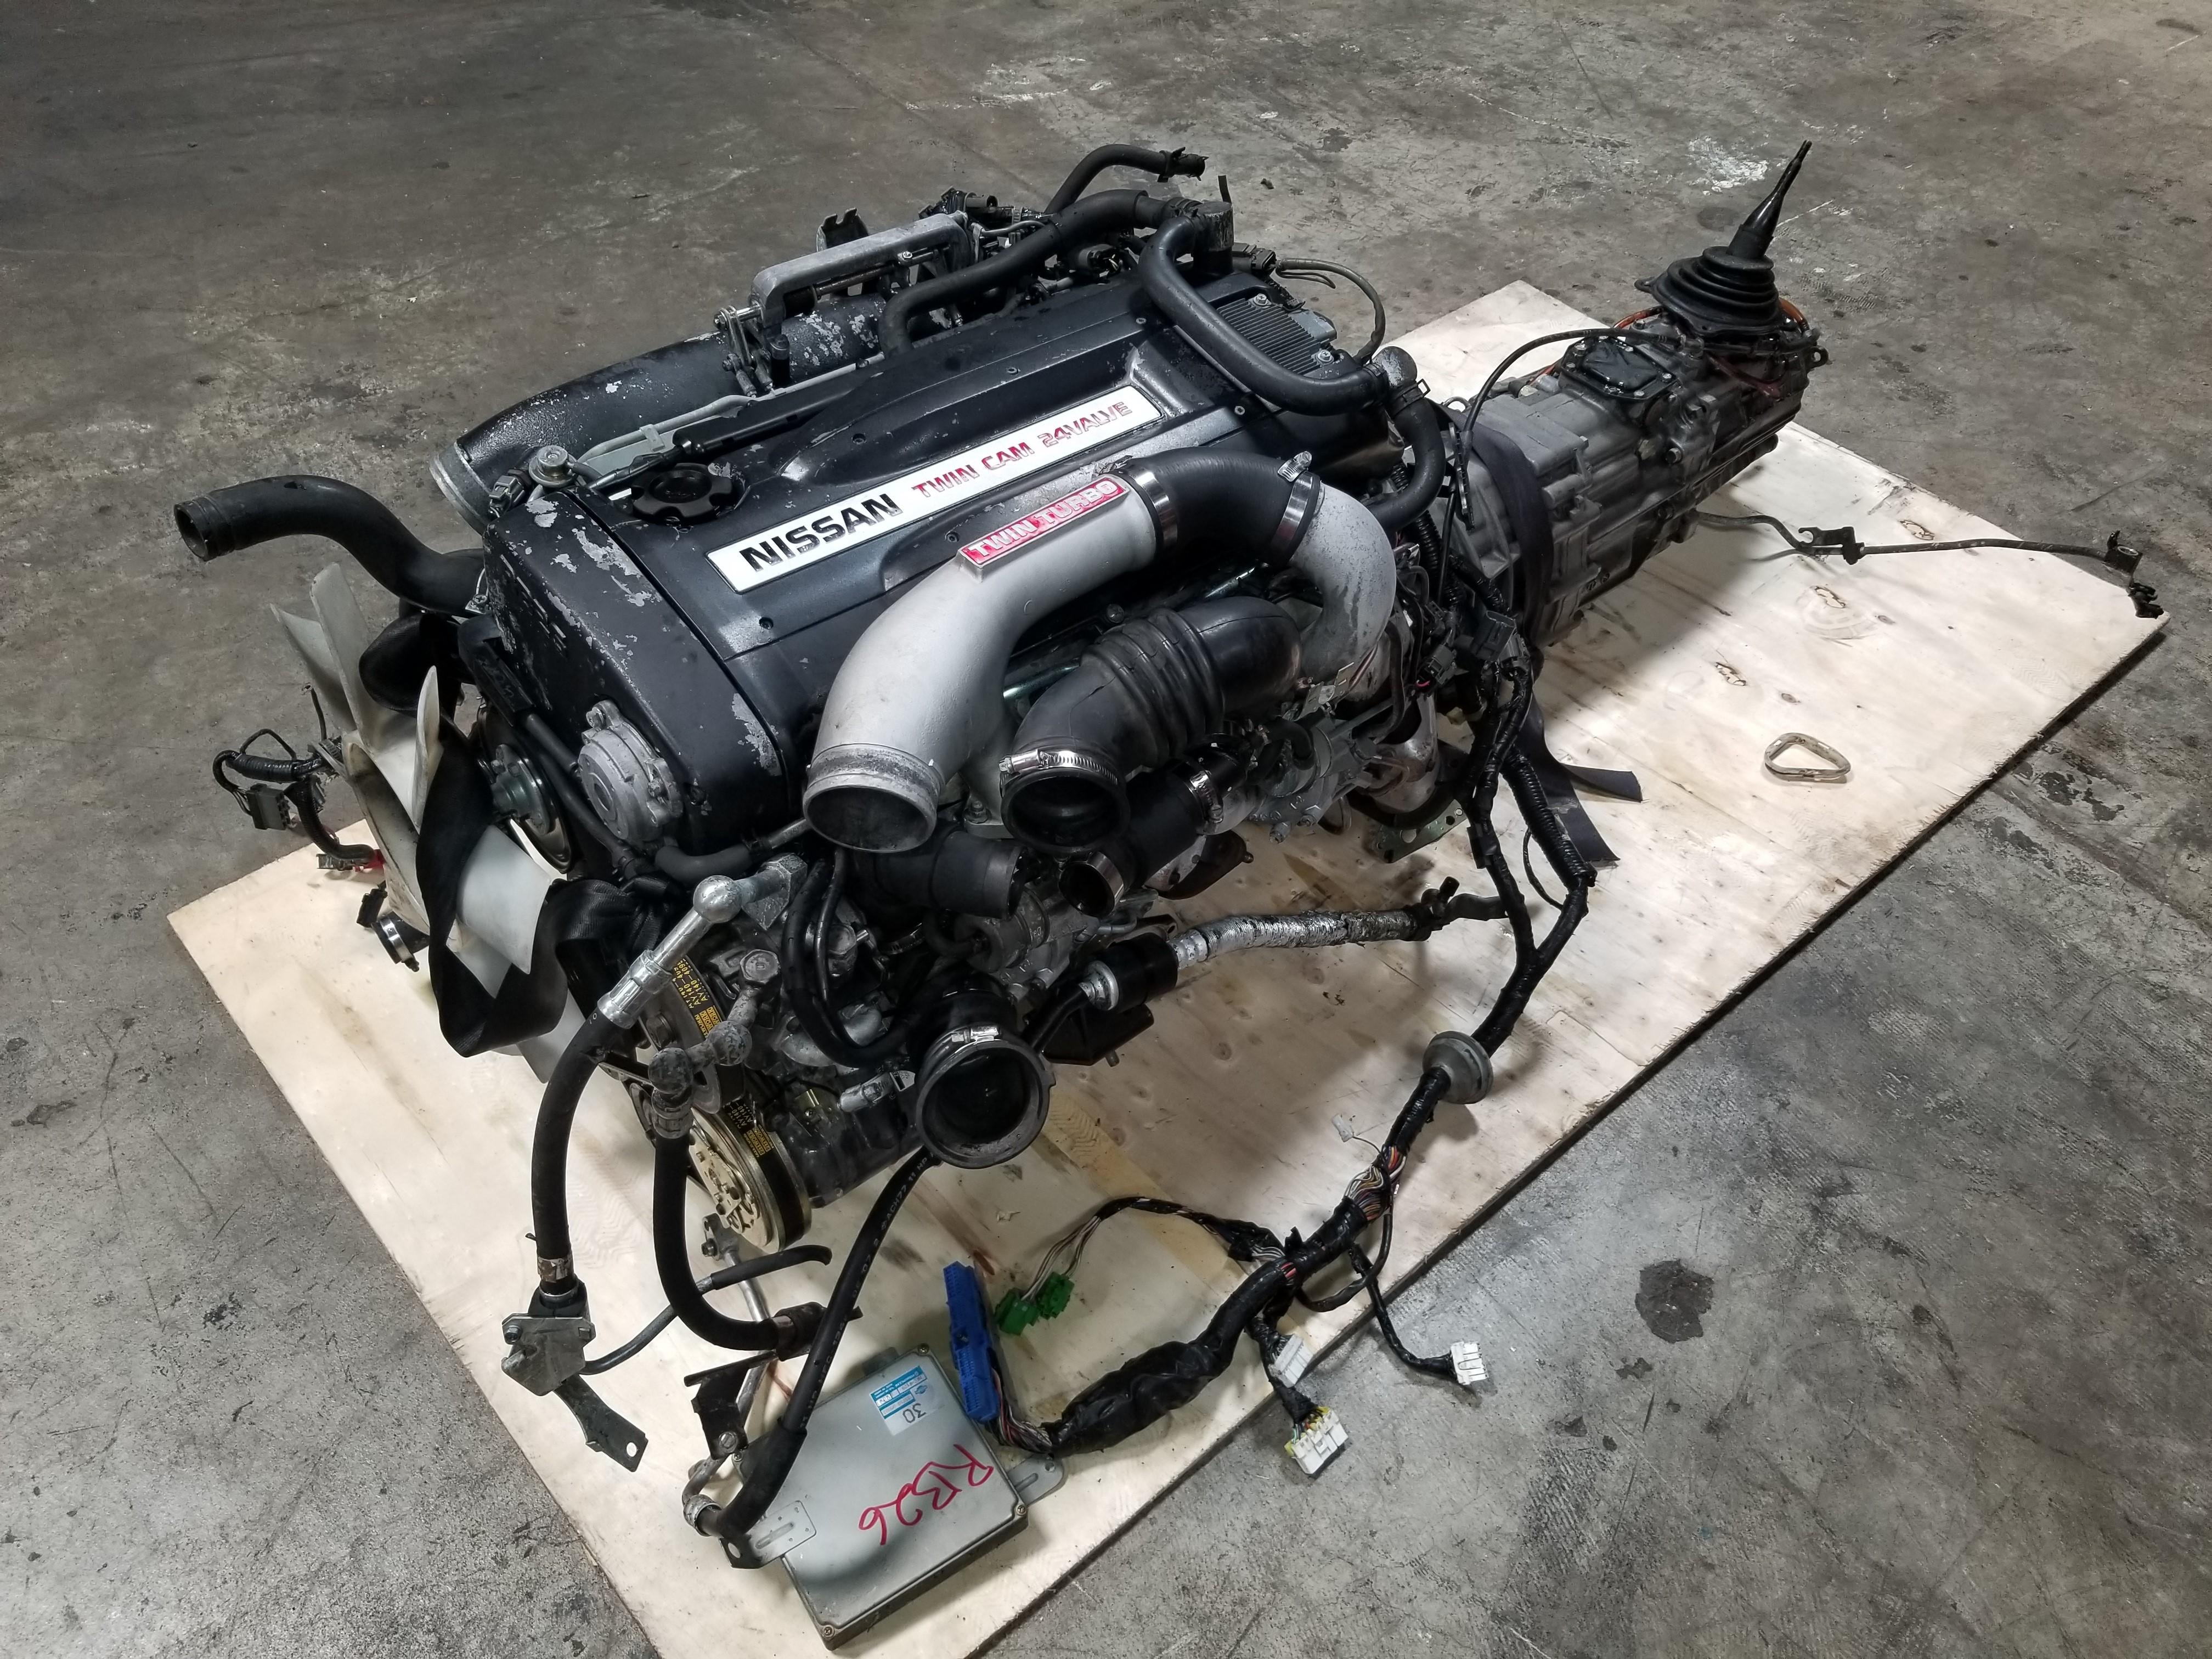 Rb26dett Nissan Skyline Gtr R32 Rb26 26l Twin Turbo 5 Speed Awd Wiring Harness 001915a 1